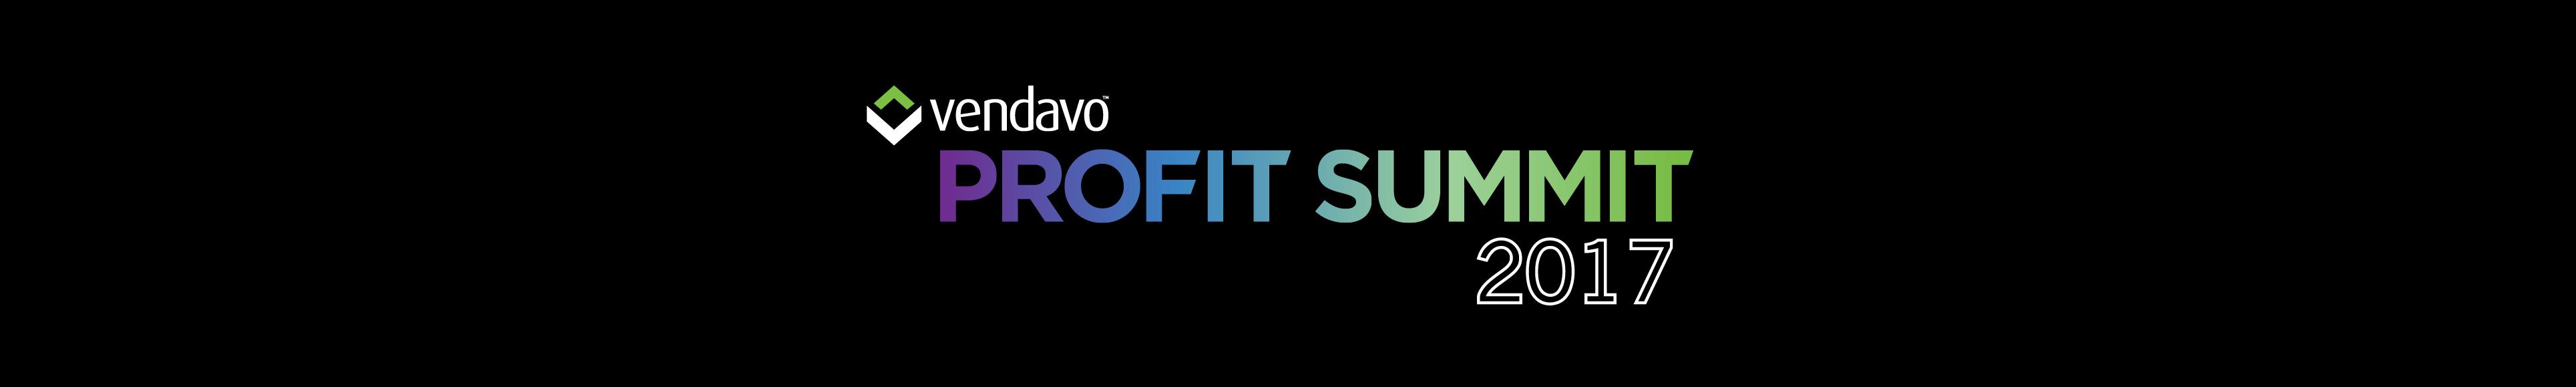 Vendavo Profit Summit 2017